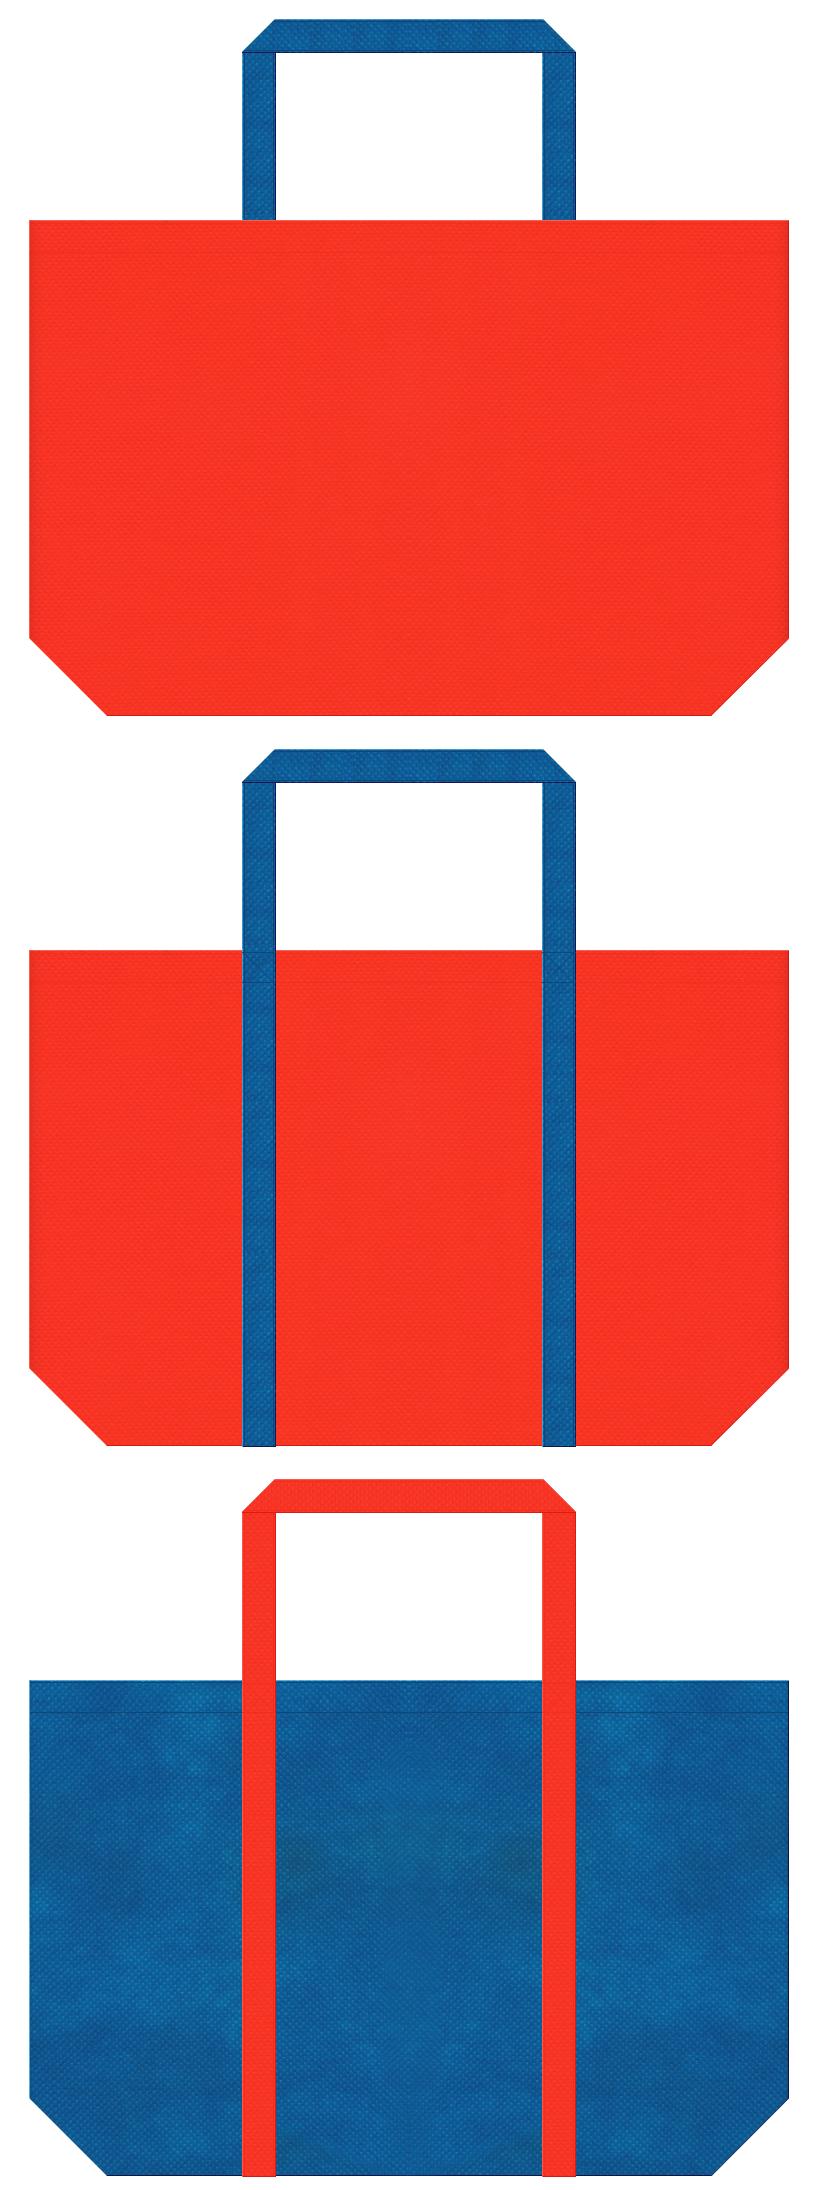 アミューズメント・テーマパーク・キッズ・おもちゃの福袋にお奨めの不織布バッグデザイン:オレンジ色と青色のコーデ